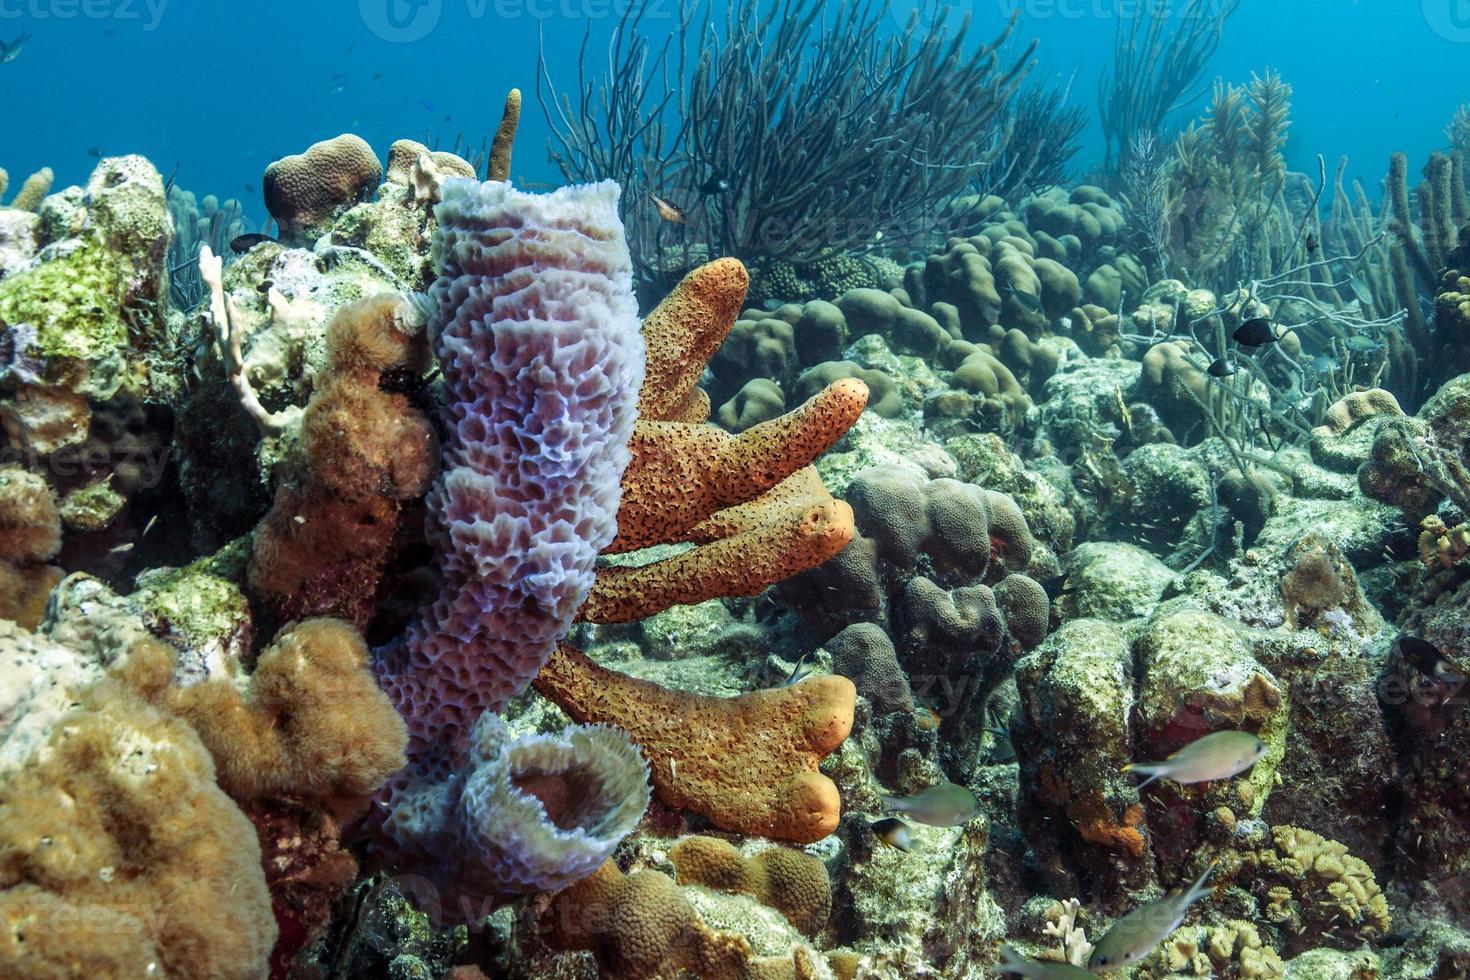 récif de corail sous-marin photo